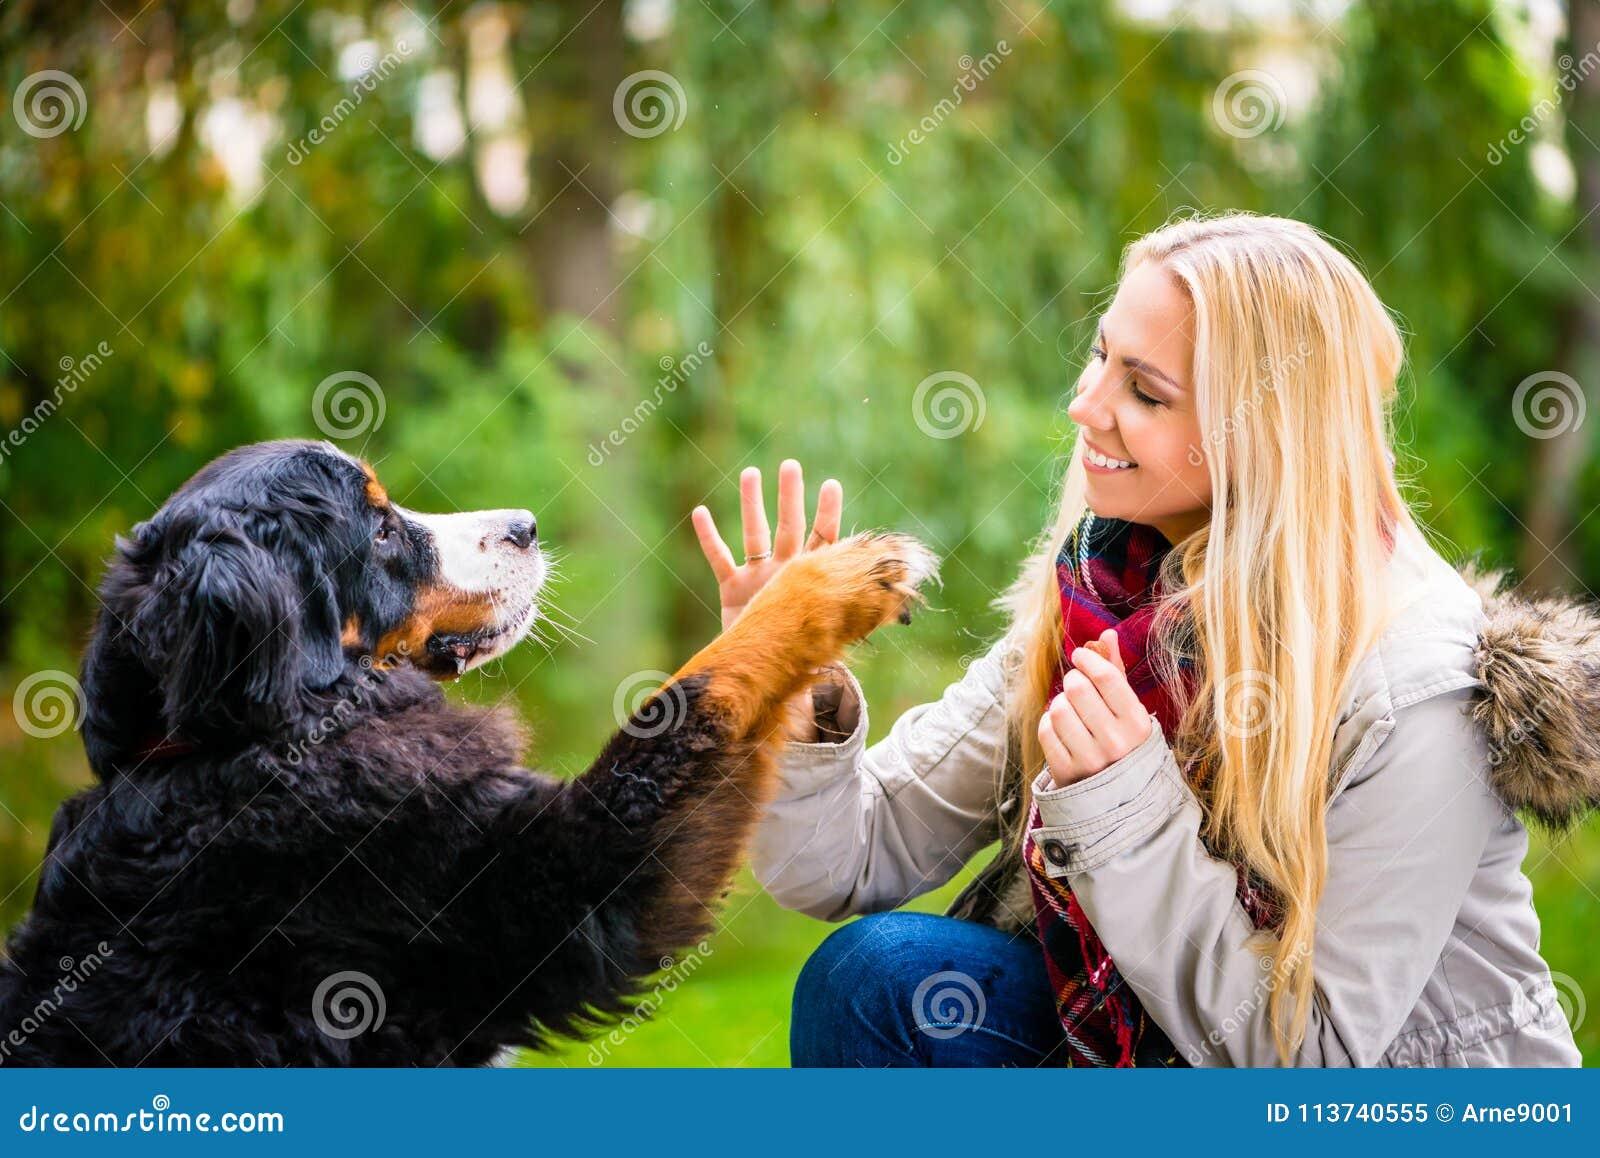 Insegua stringere le mani con la zampa alla sua donna